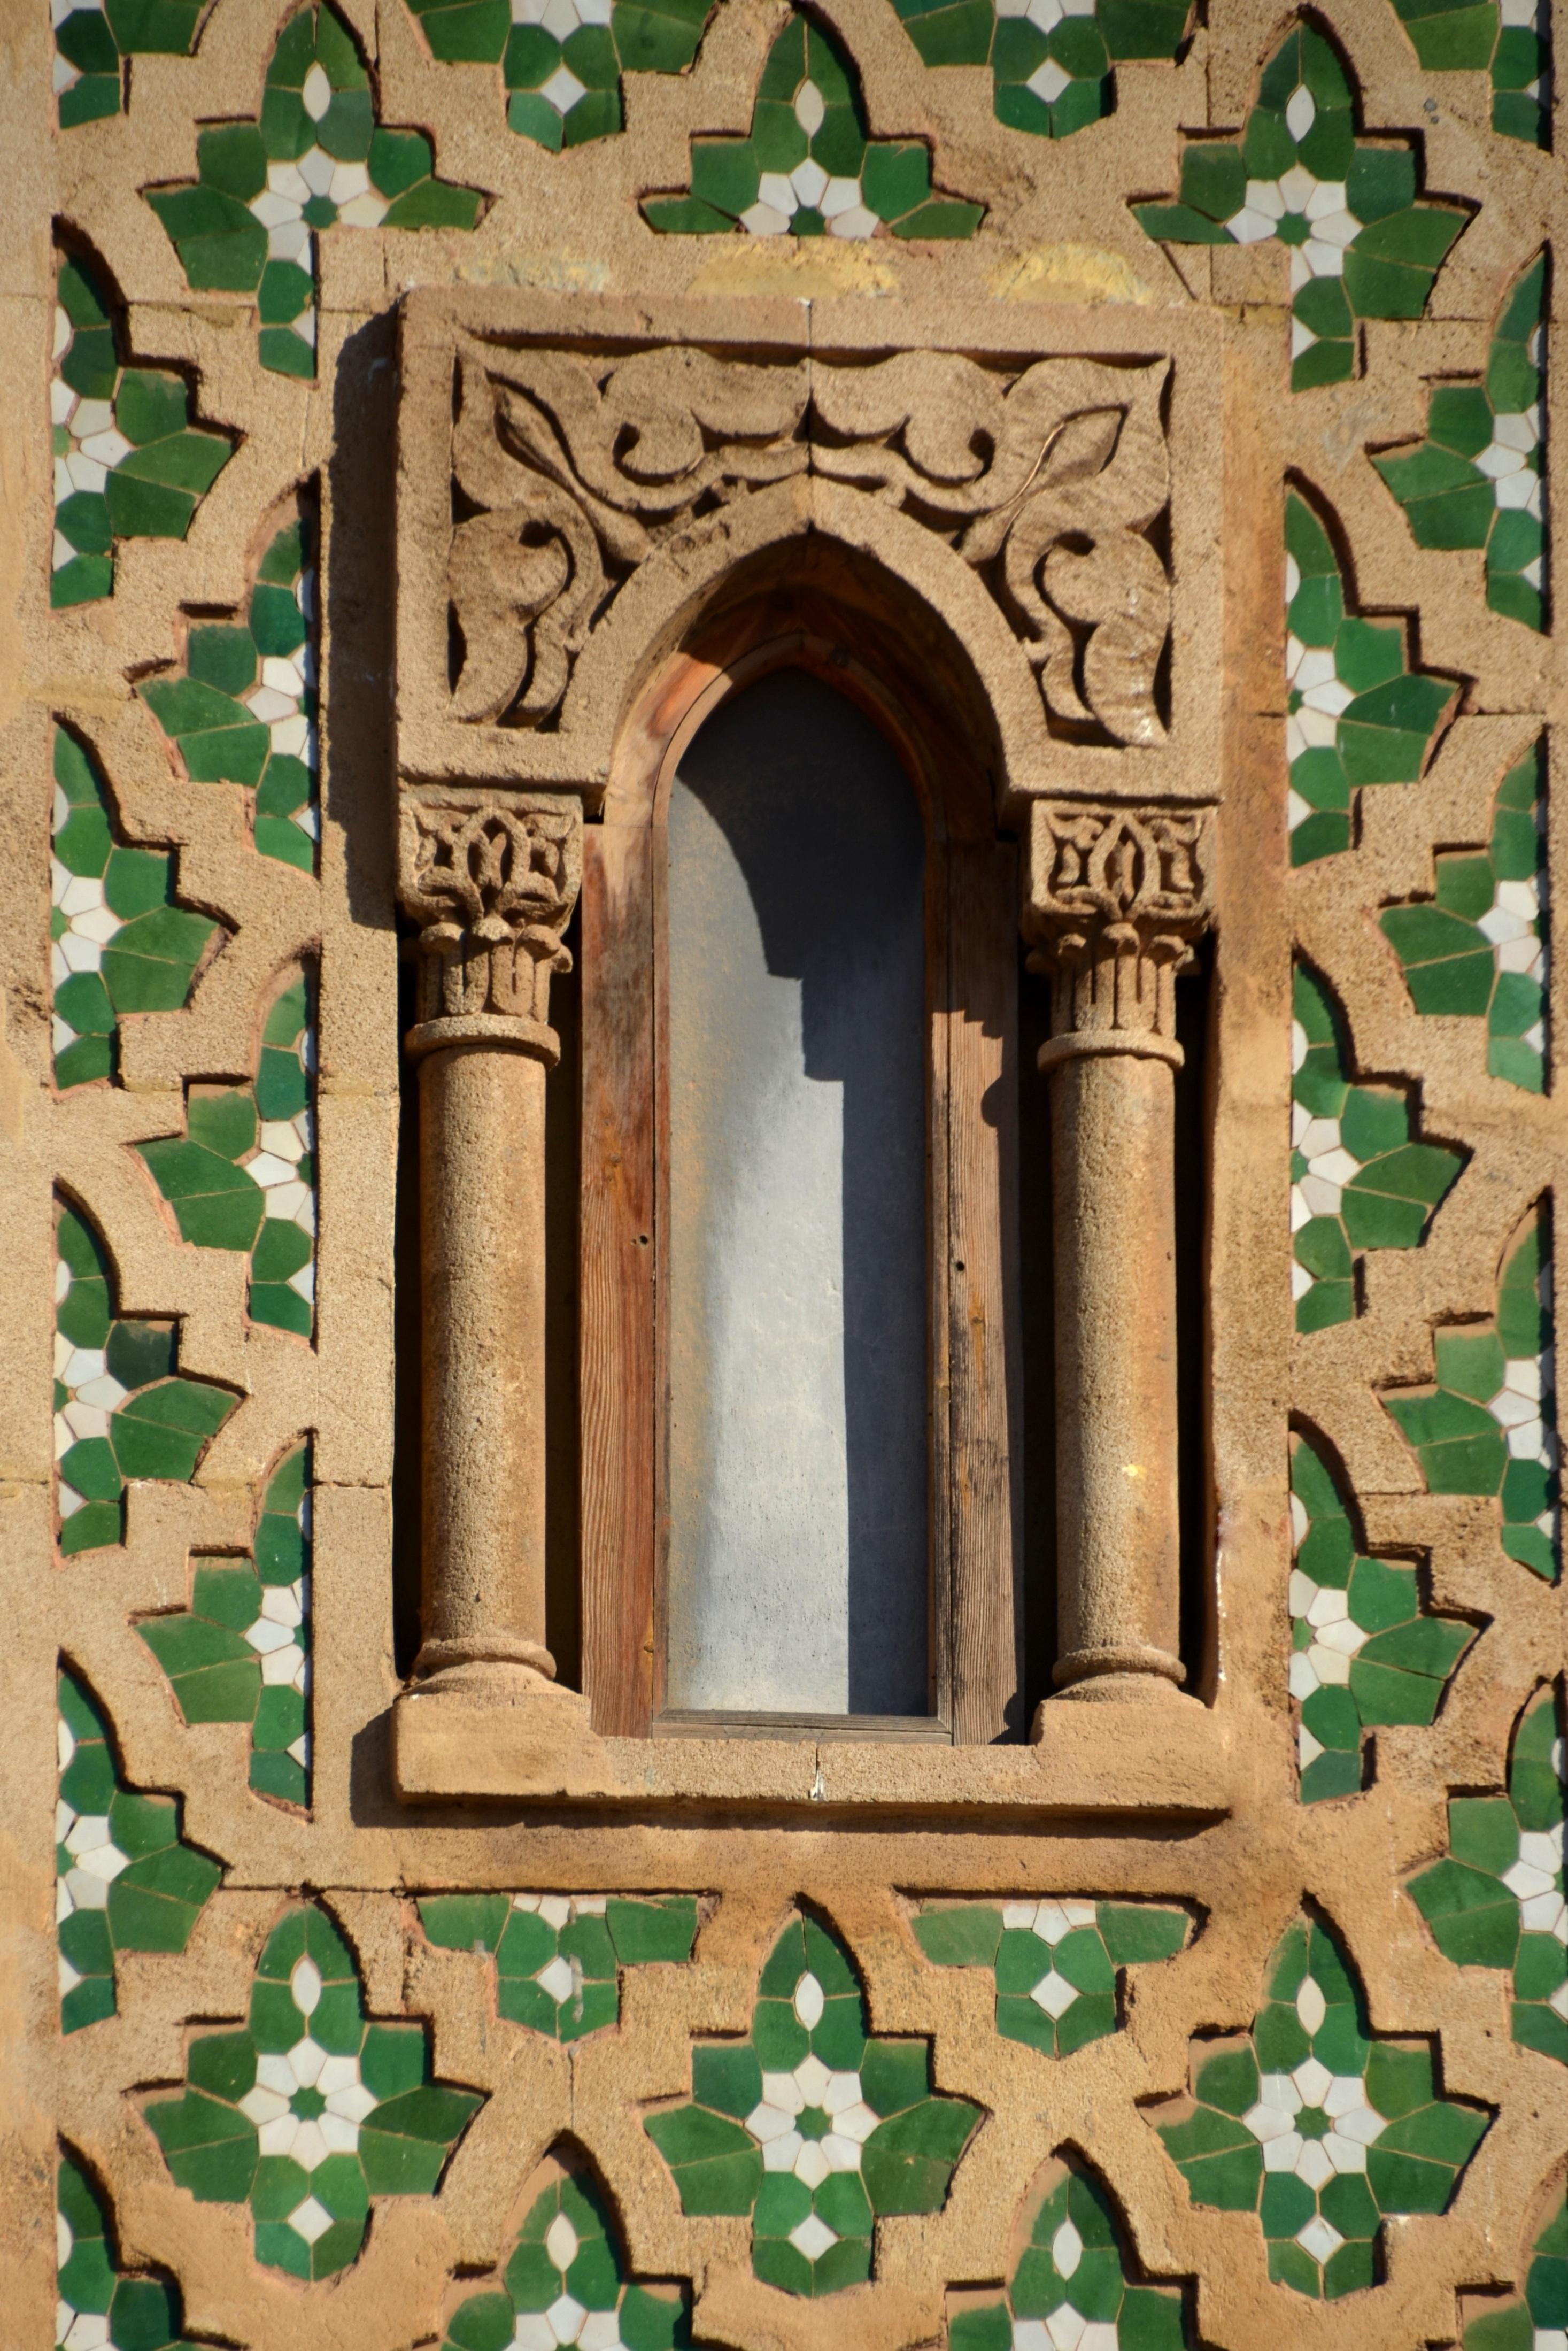 Kostenlose foto : Fenster, Nummer, Gebäude, Bogen, Muster, Grün ...